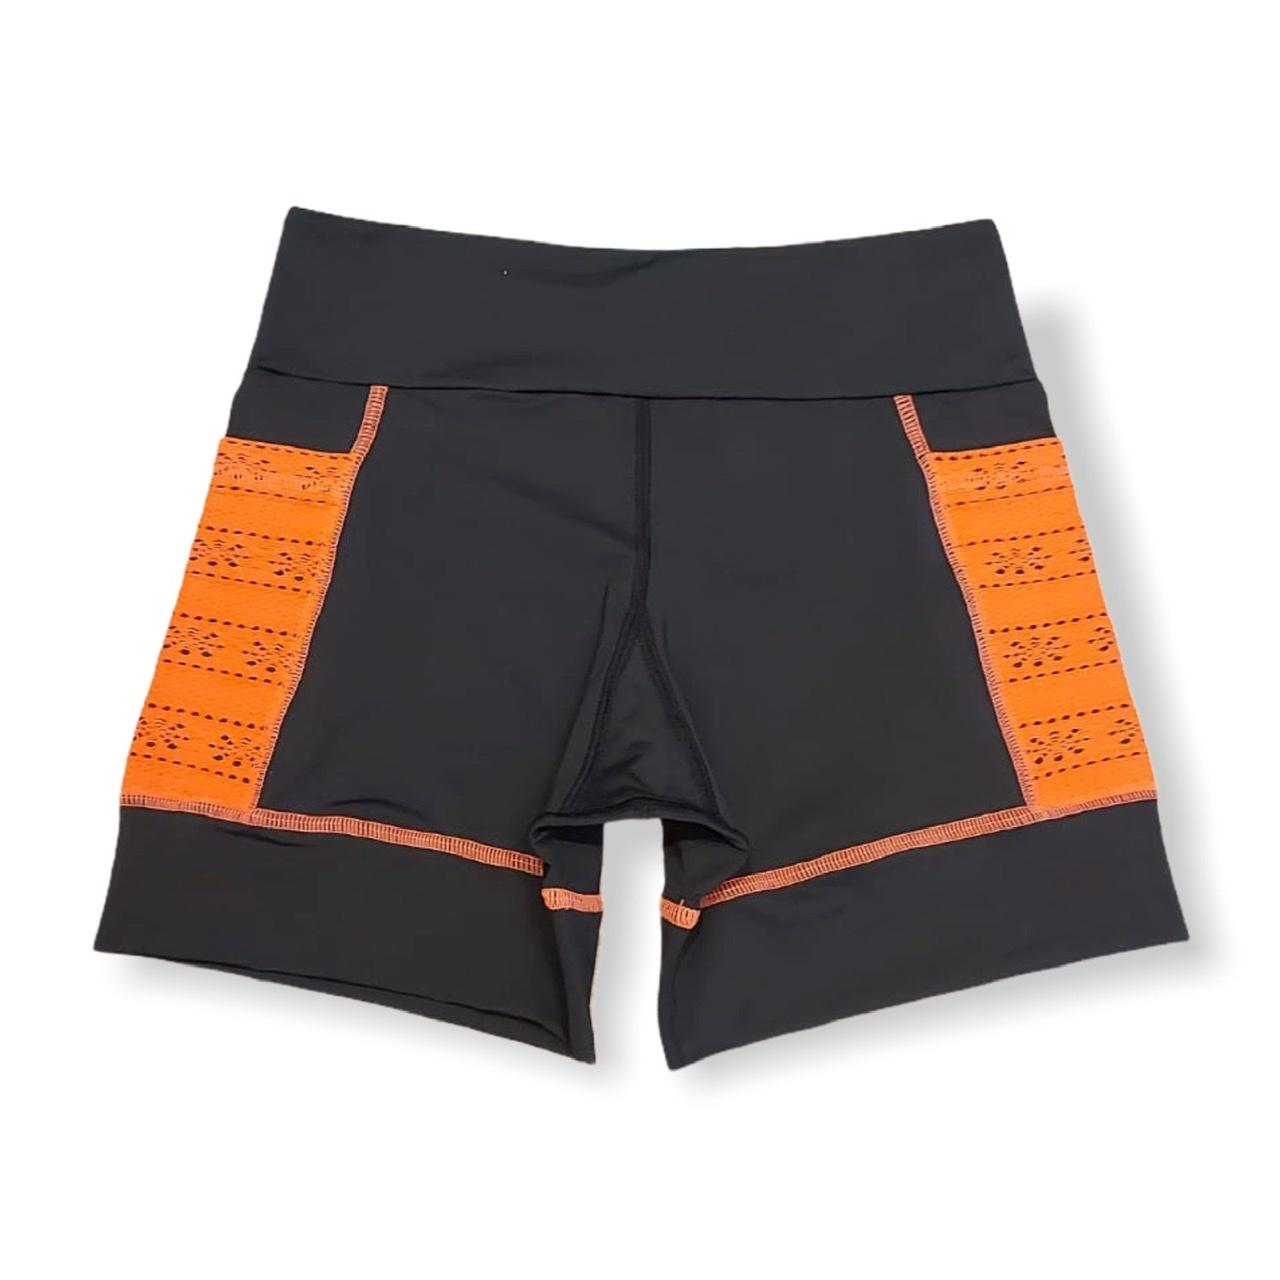 Shorts de compressão 2 bolsos laterais Square em sportiva preto bolsos laranja  - Vivian Bógus